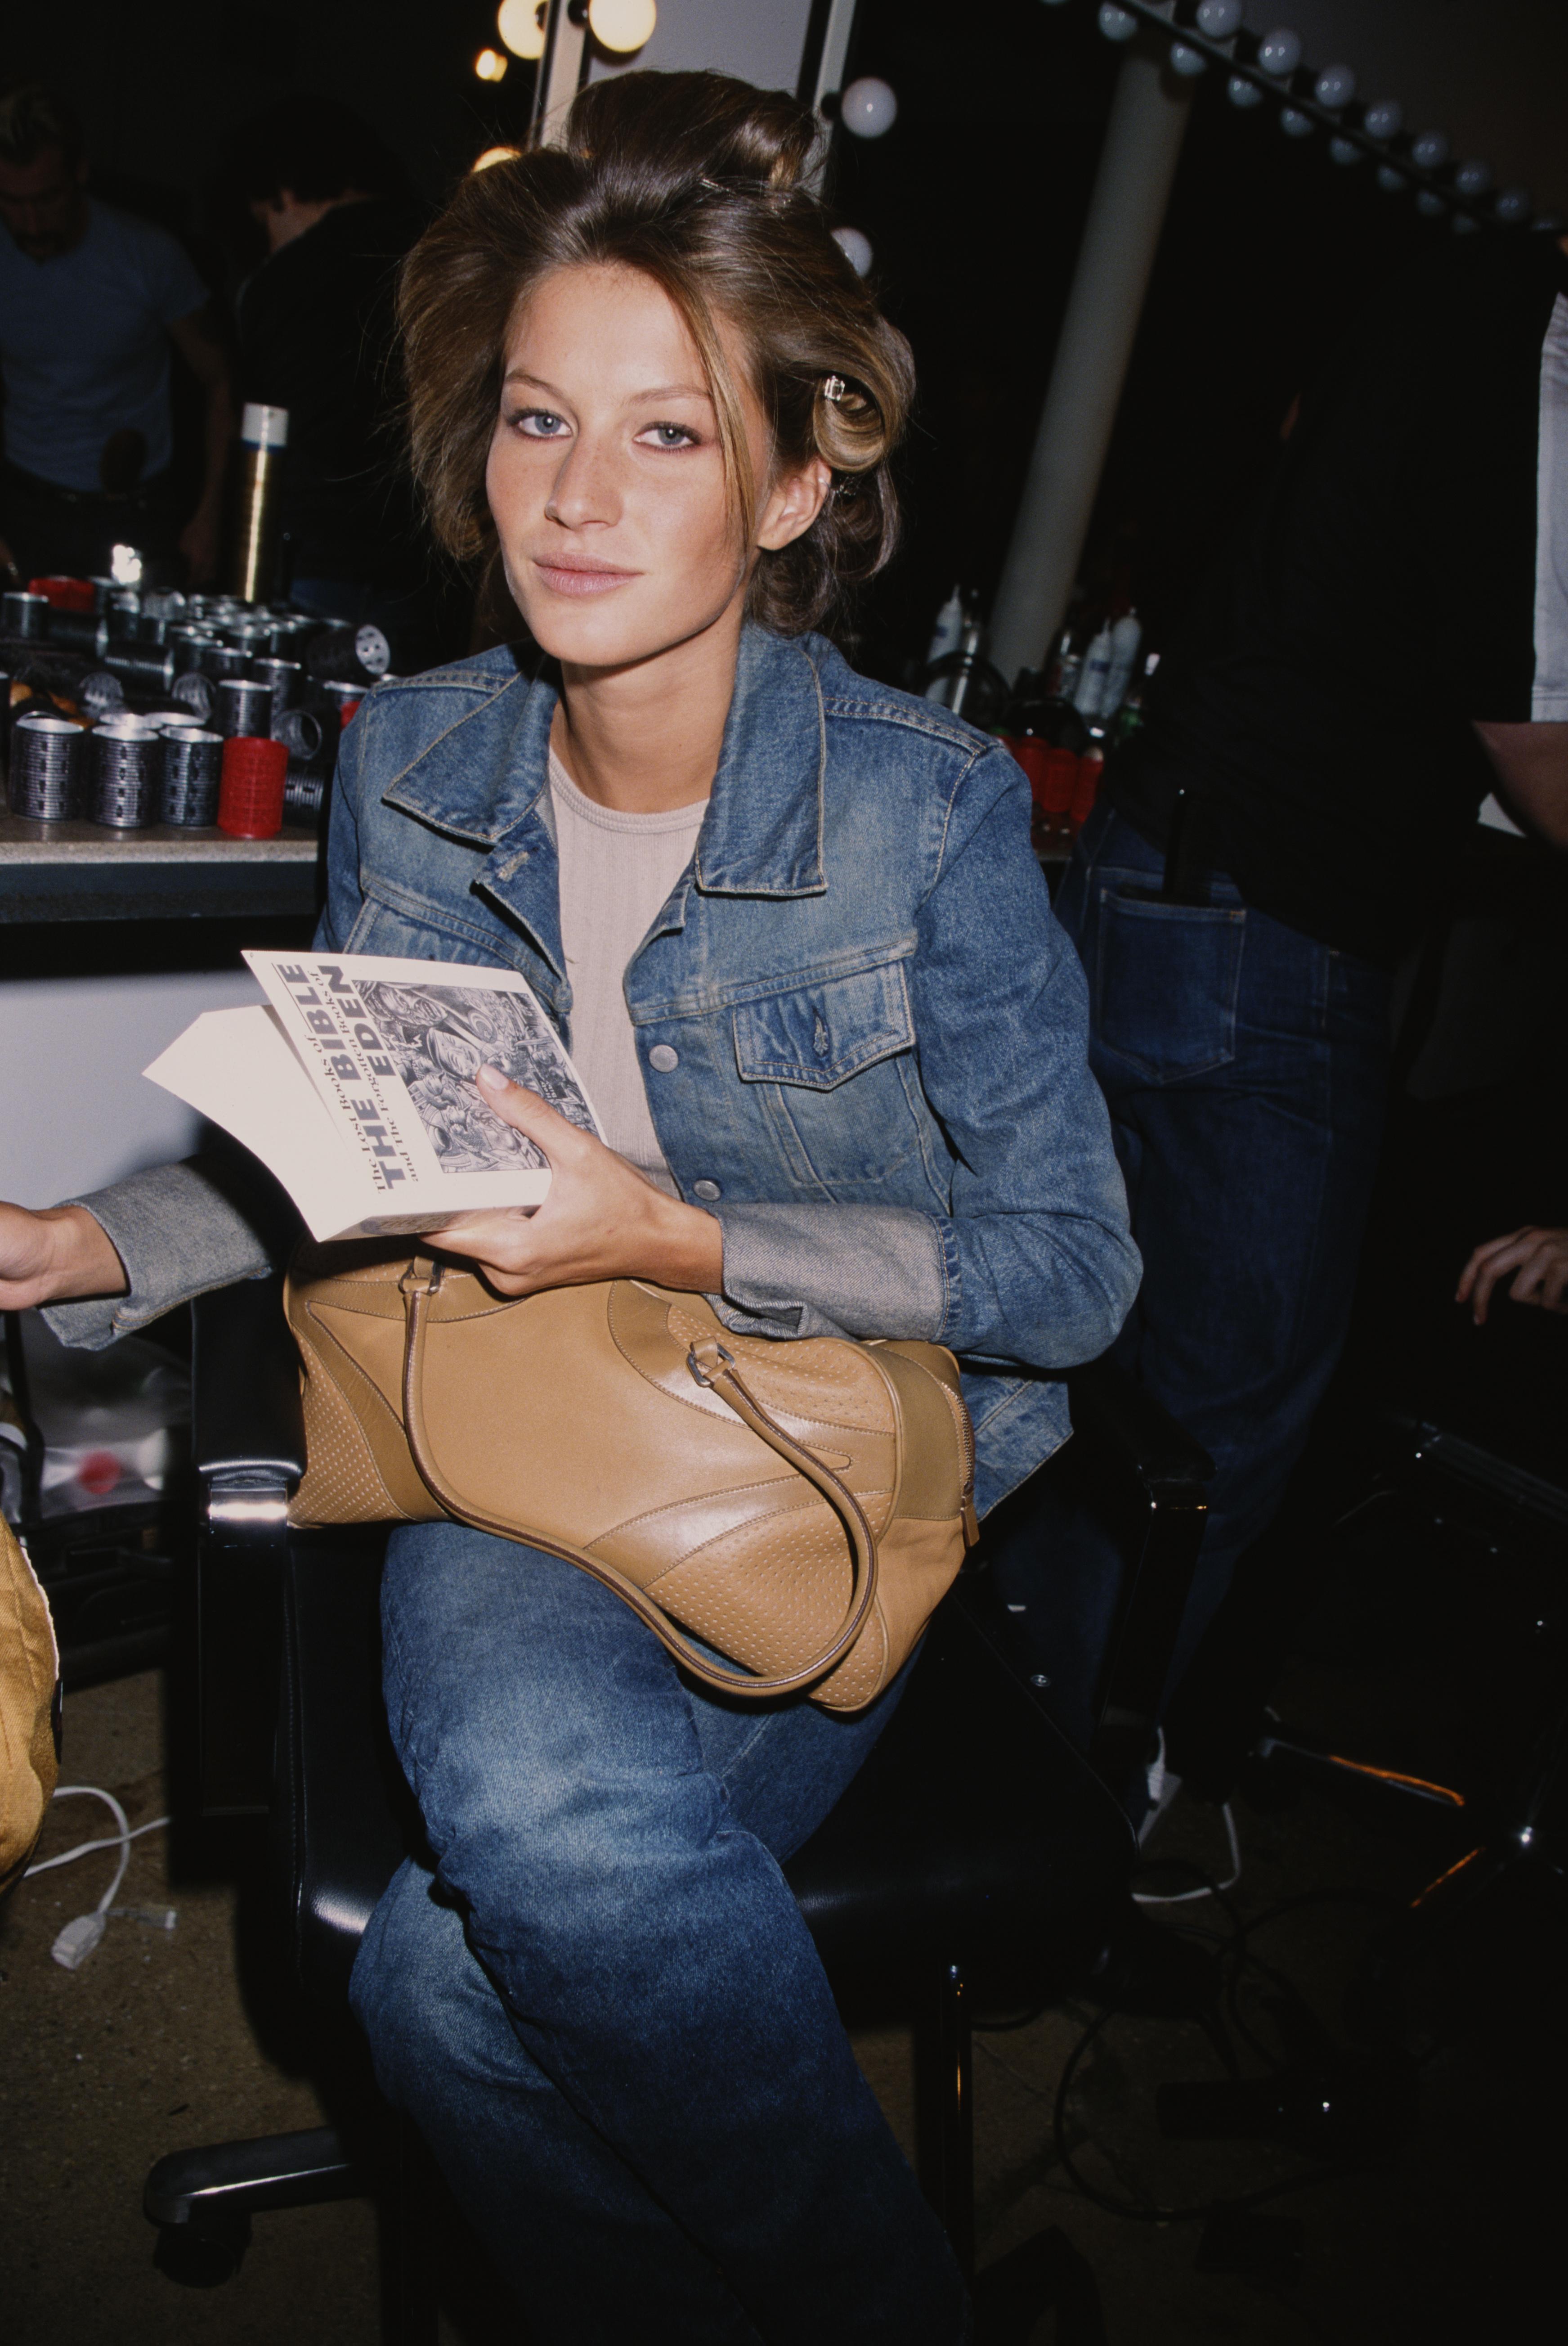 gisele-bundchen-most-iconic-outfits-fashion-style